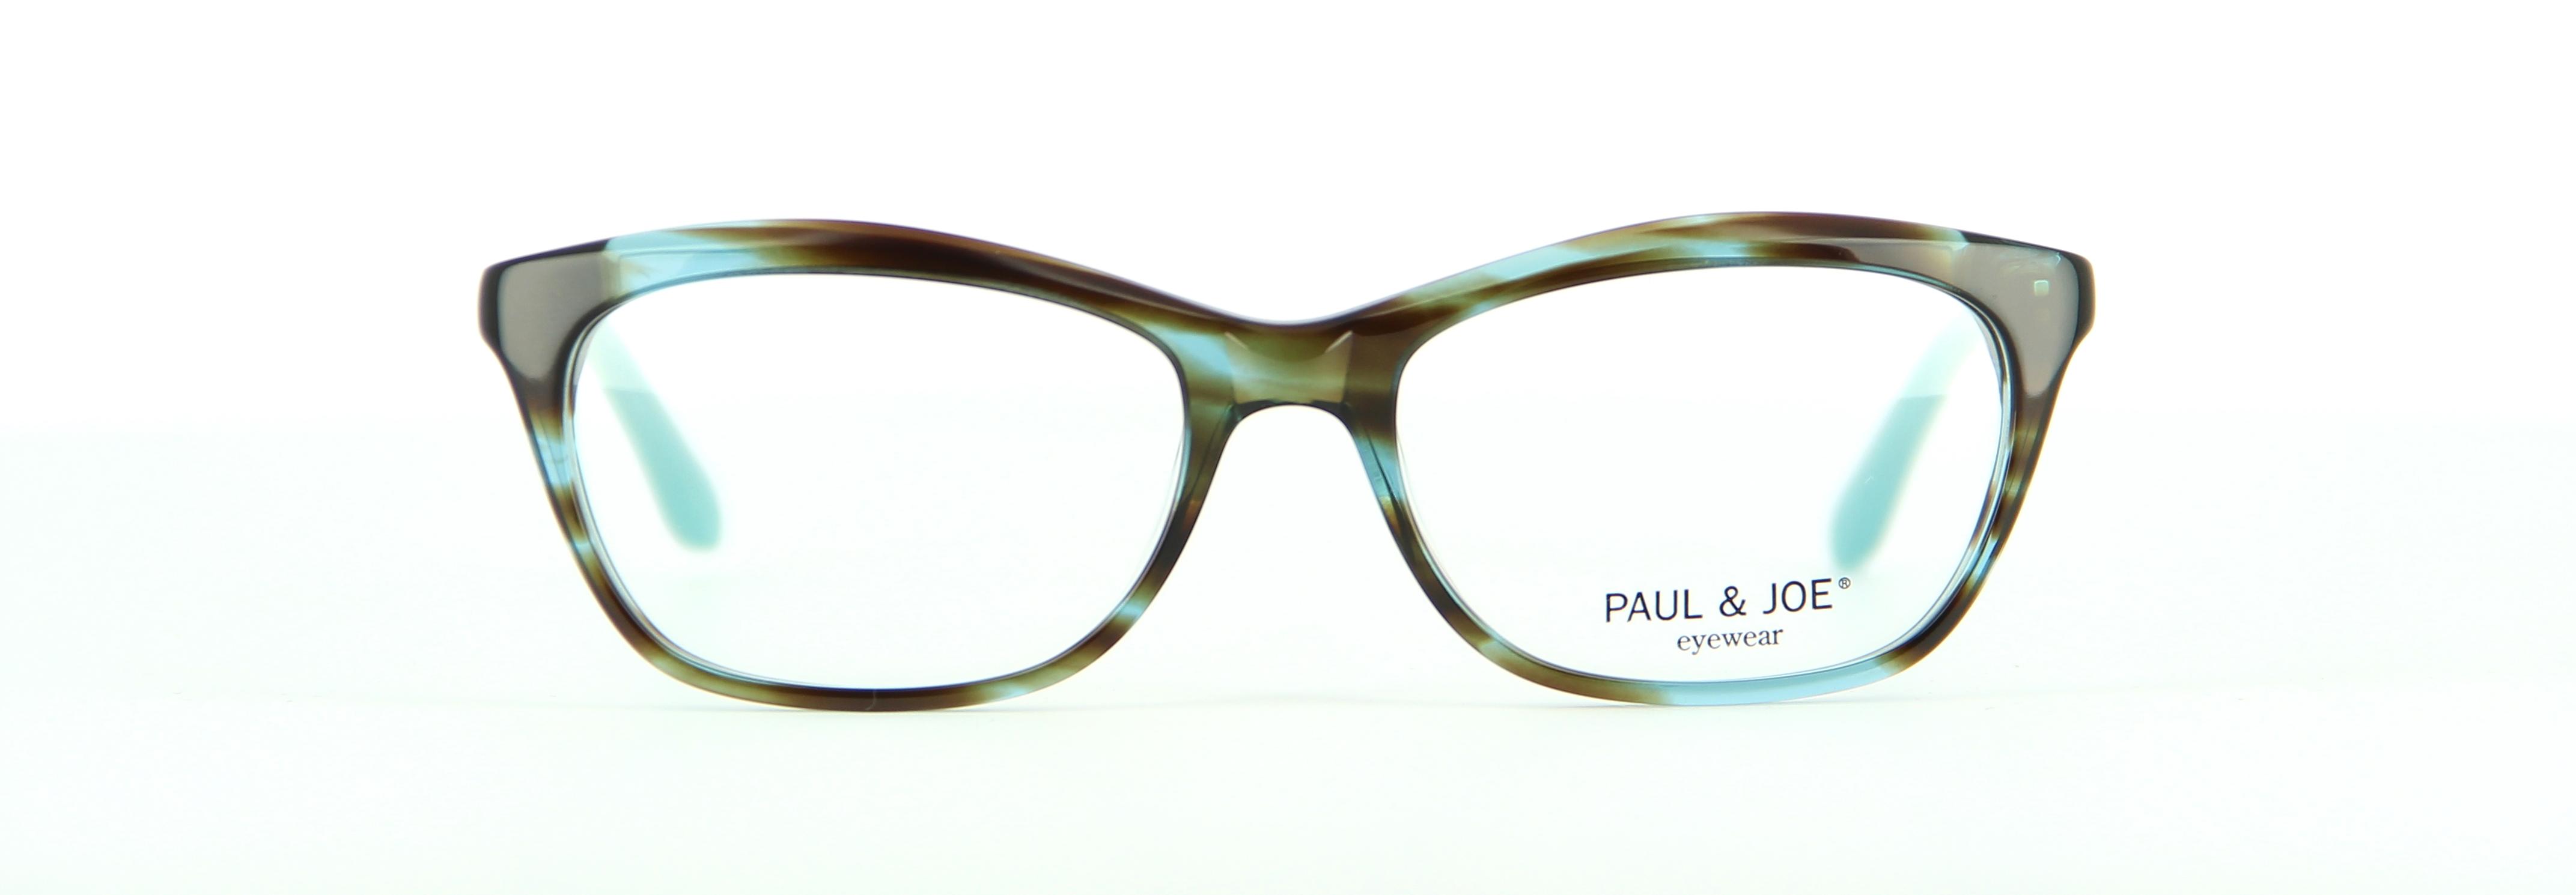 Lunettes De Vue Paul Joe Pj Cheyenne02 E126 53 17 Femme